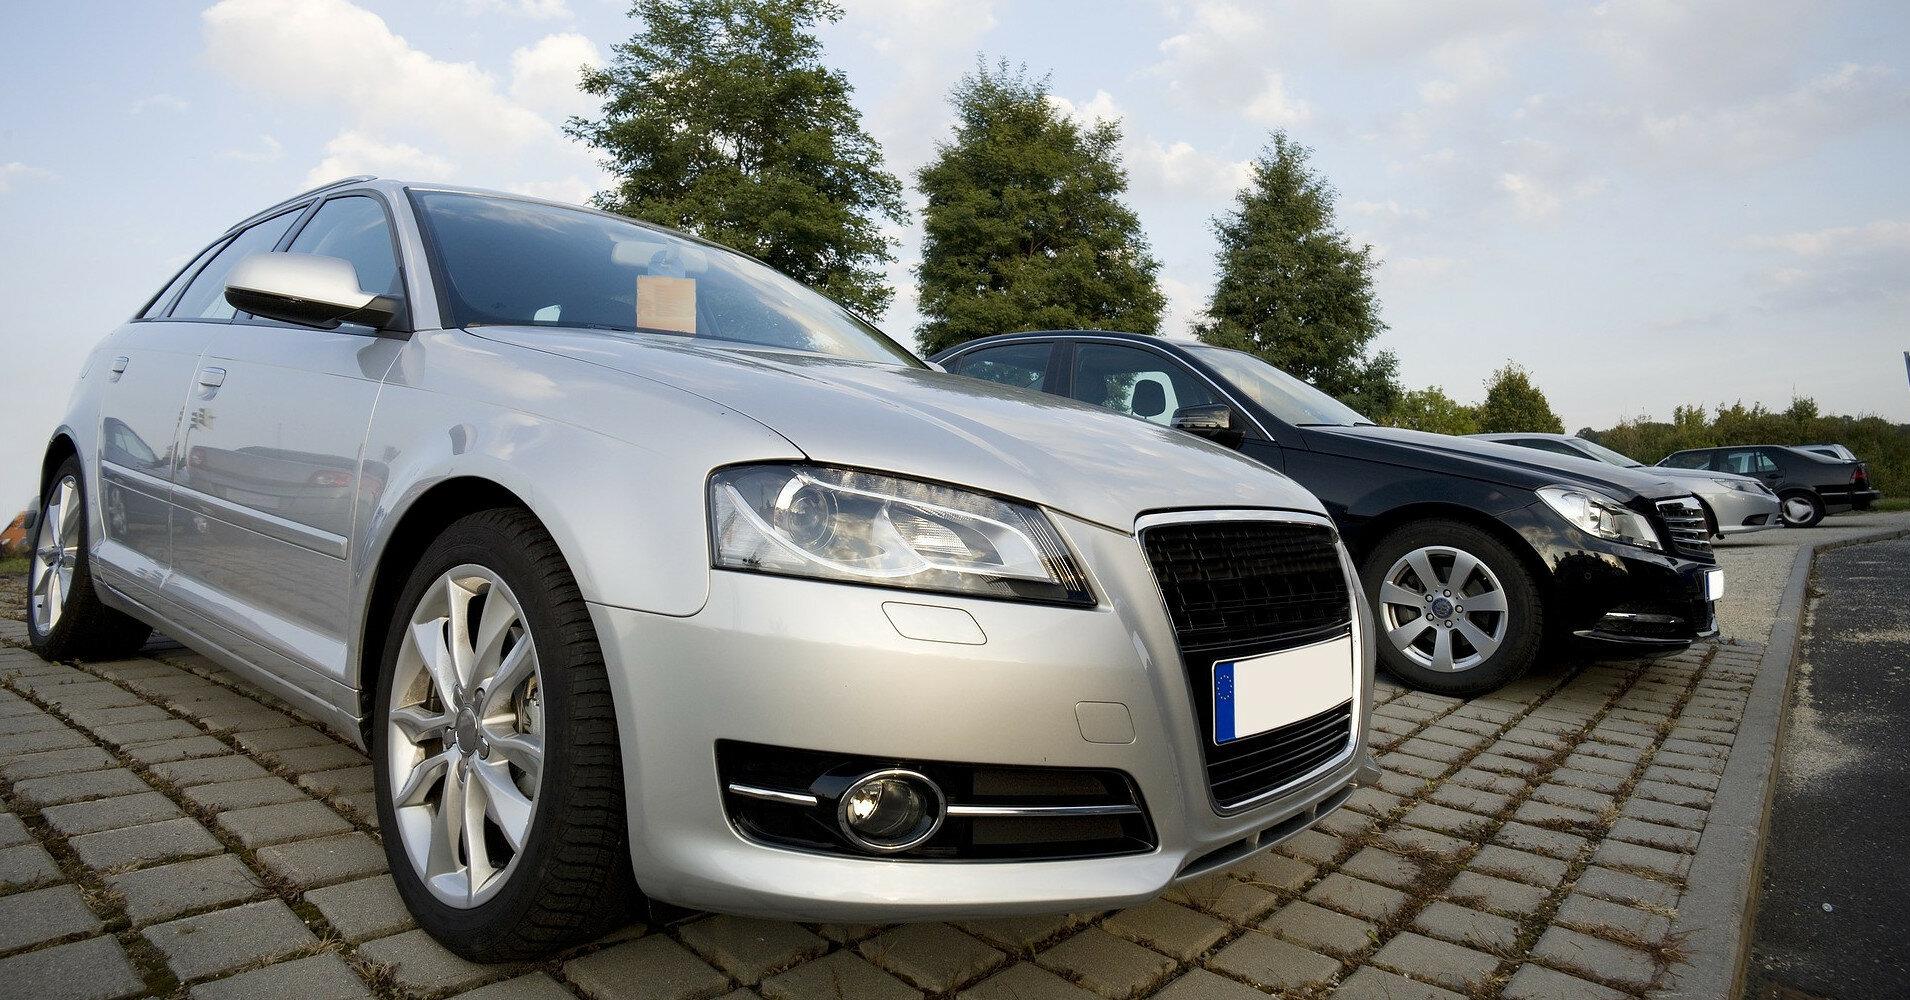 АМКУ оштрафовал столичного организатора парковок